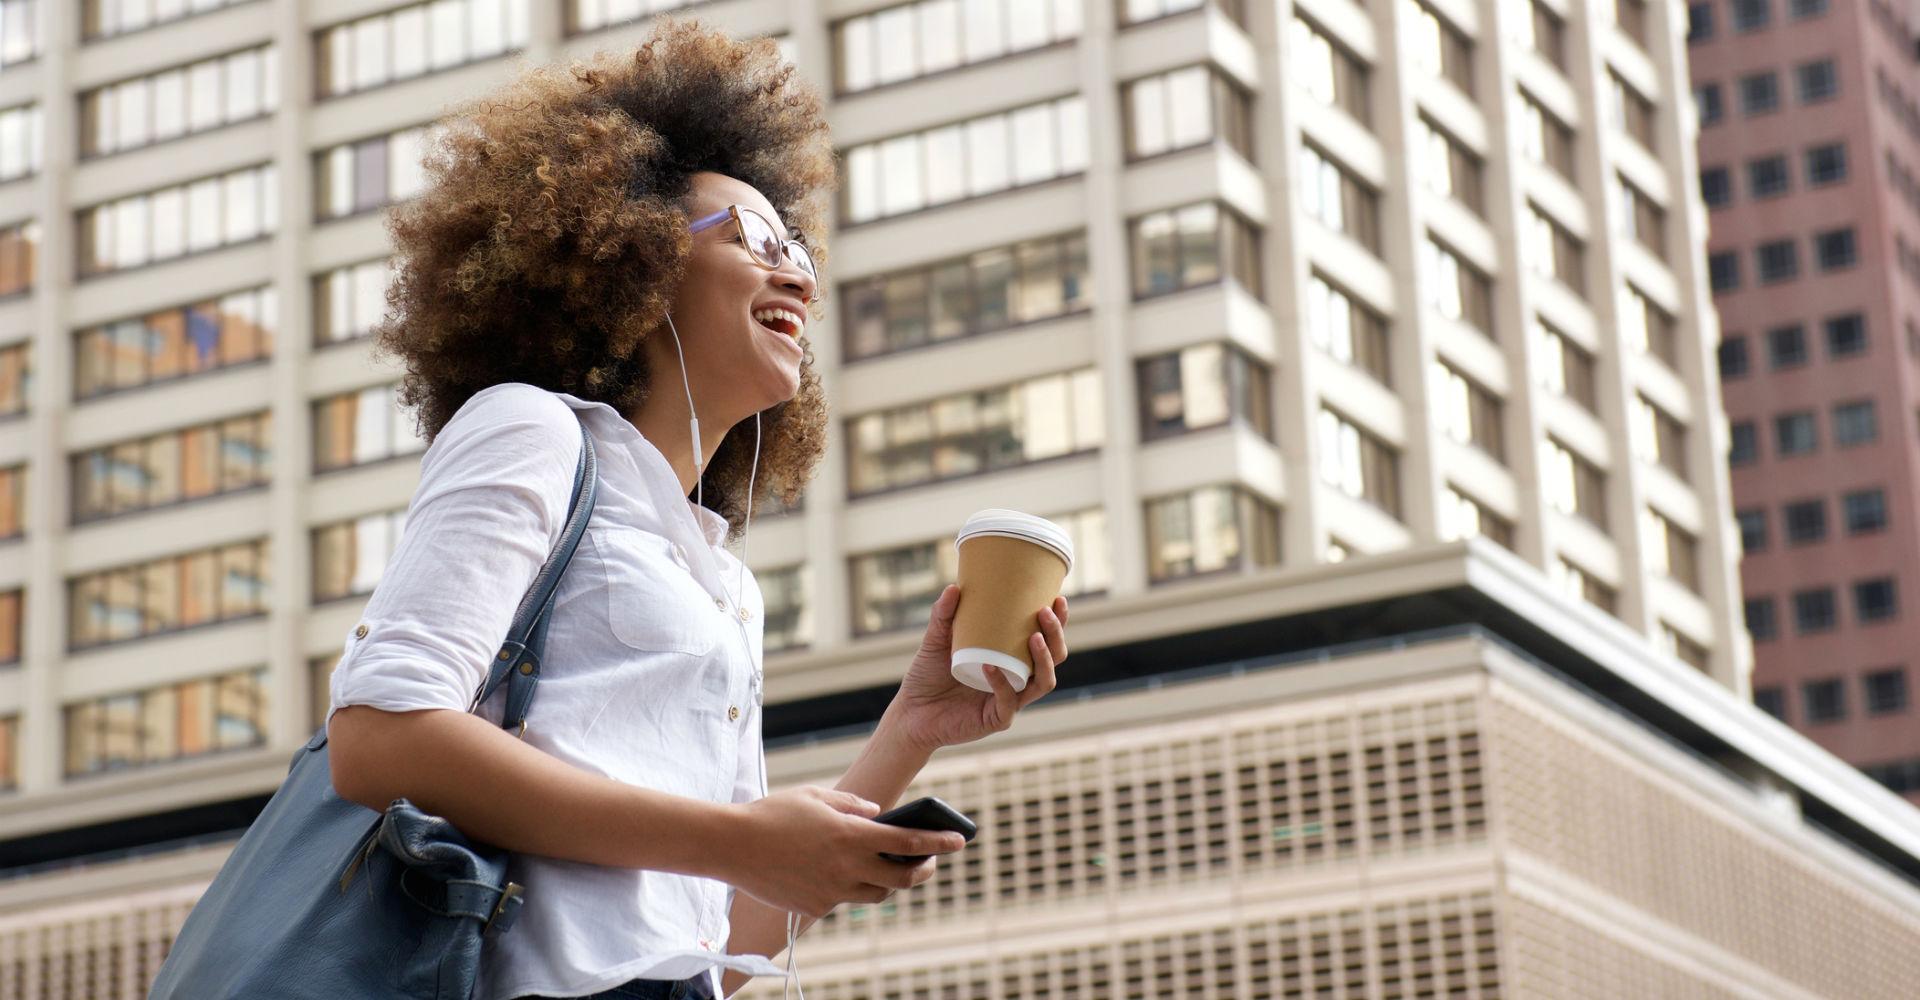 Junge Frau hört einen Podcast via Smartphone.